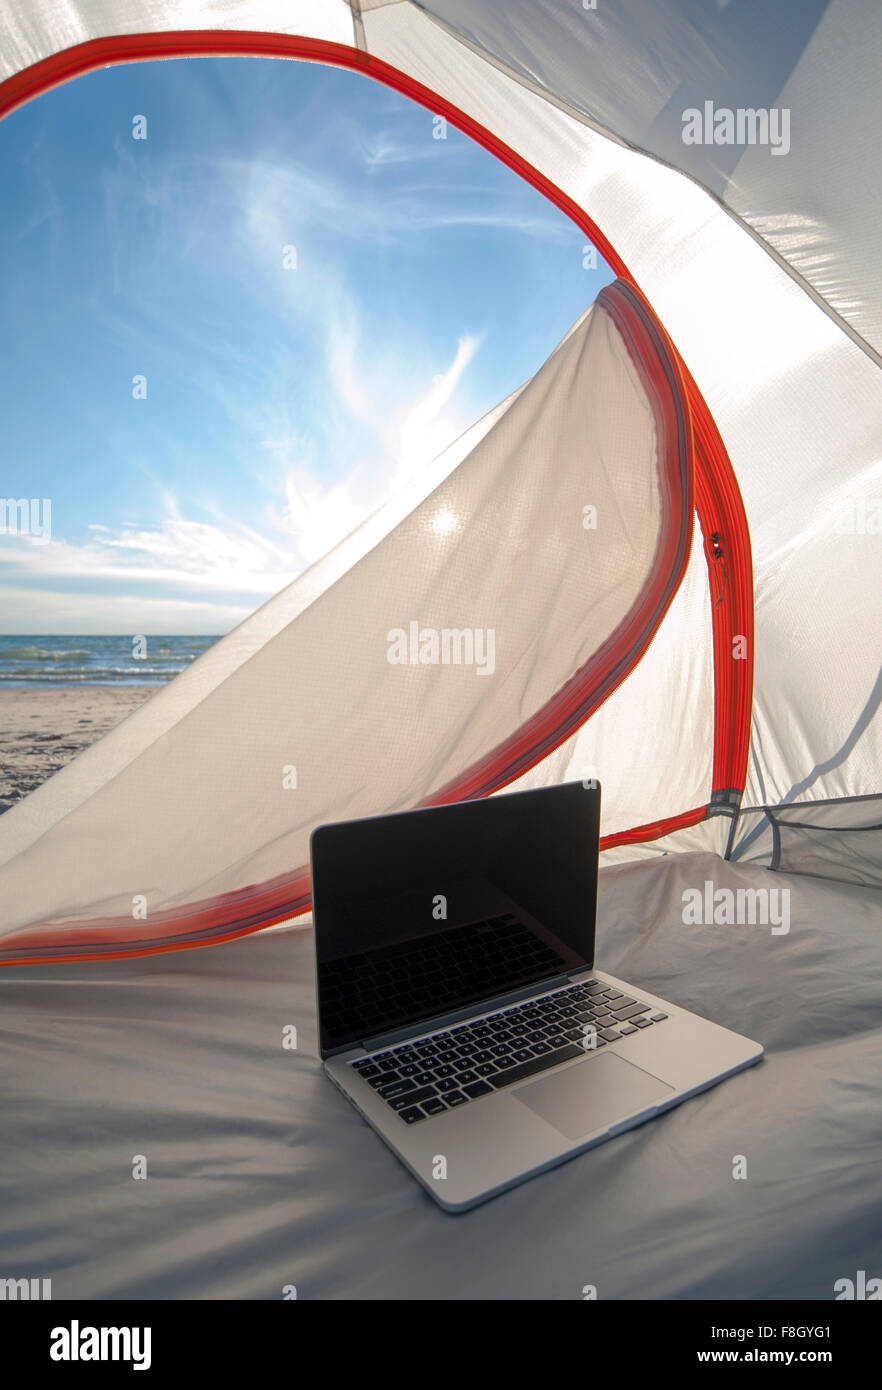 Laptop im Zelt am Strand Stockbild